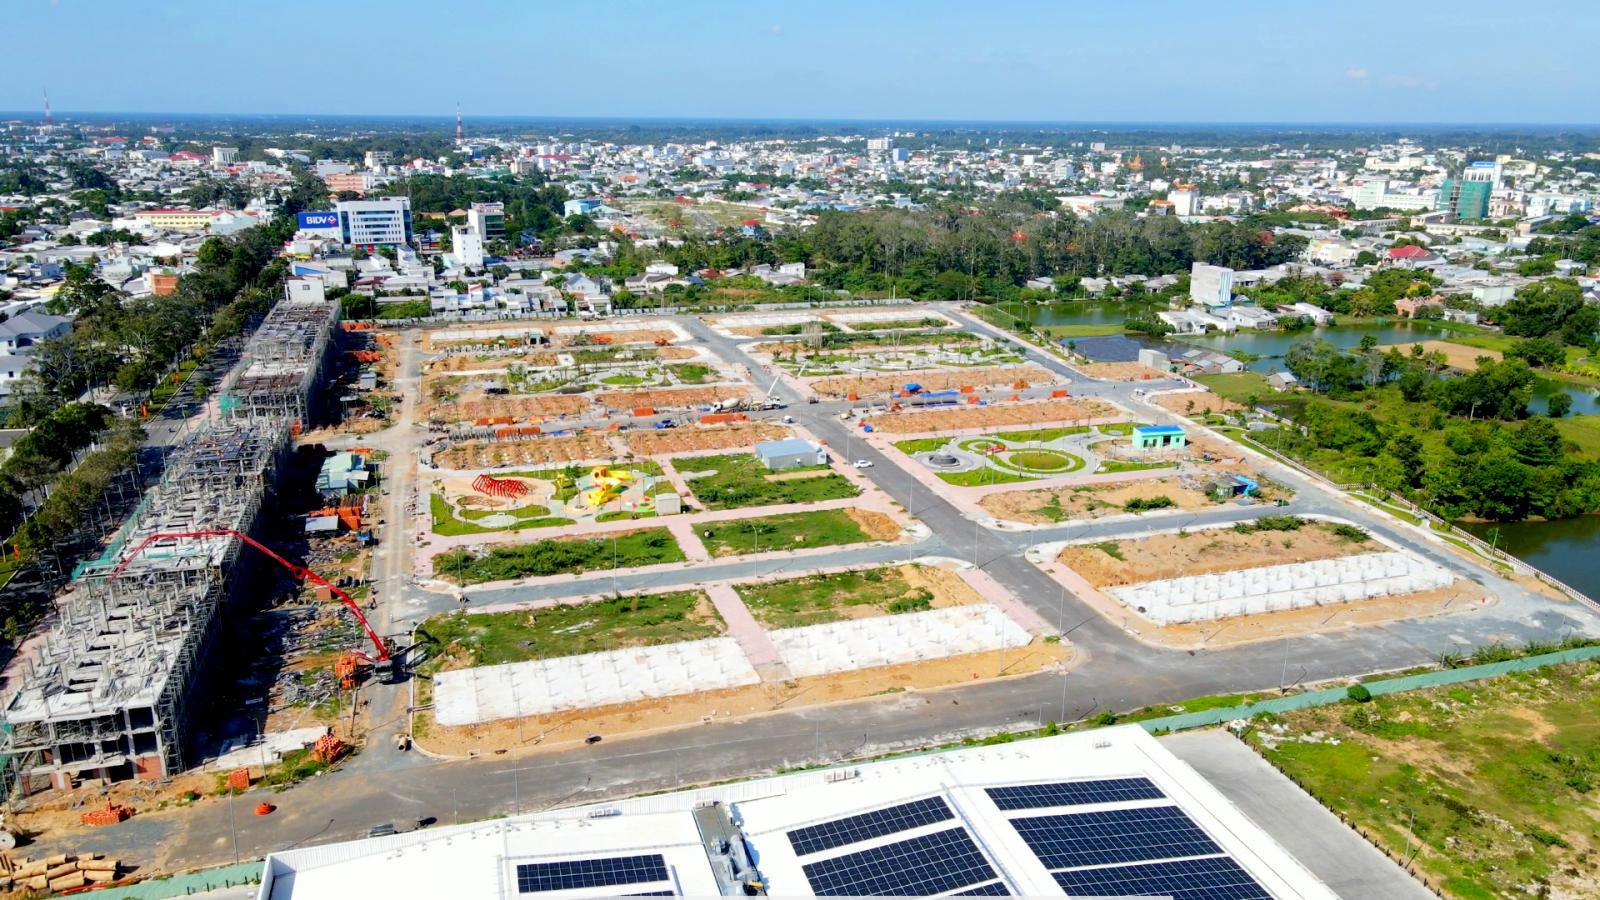 khu đất trống nằm trong thành phố